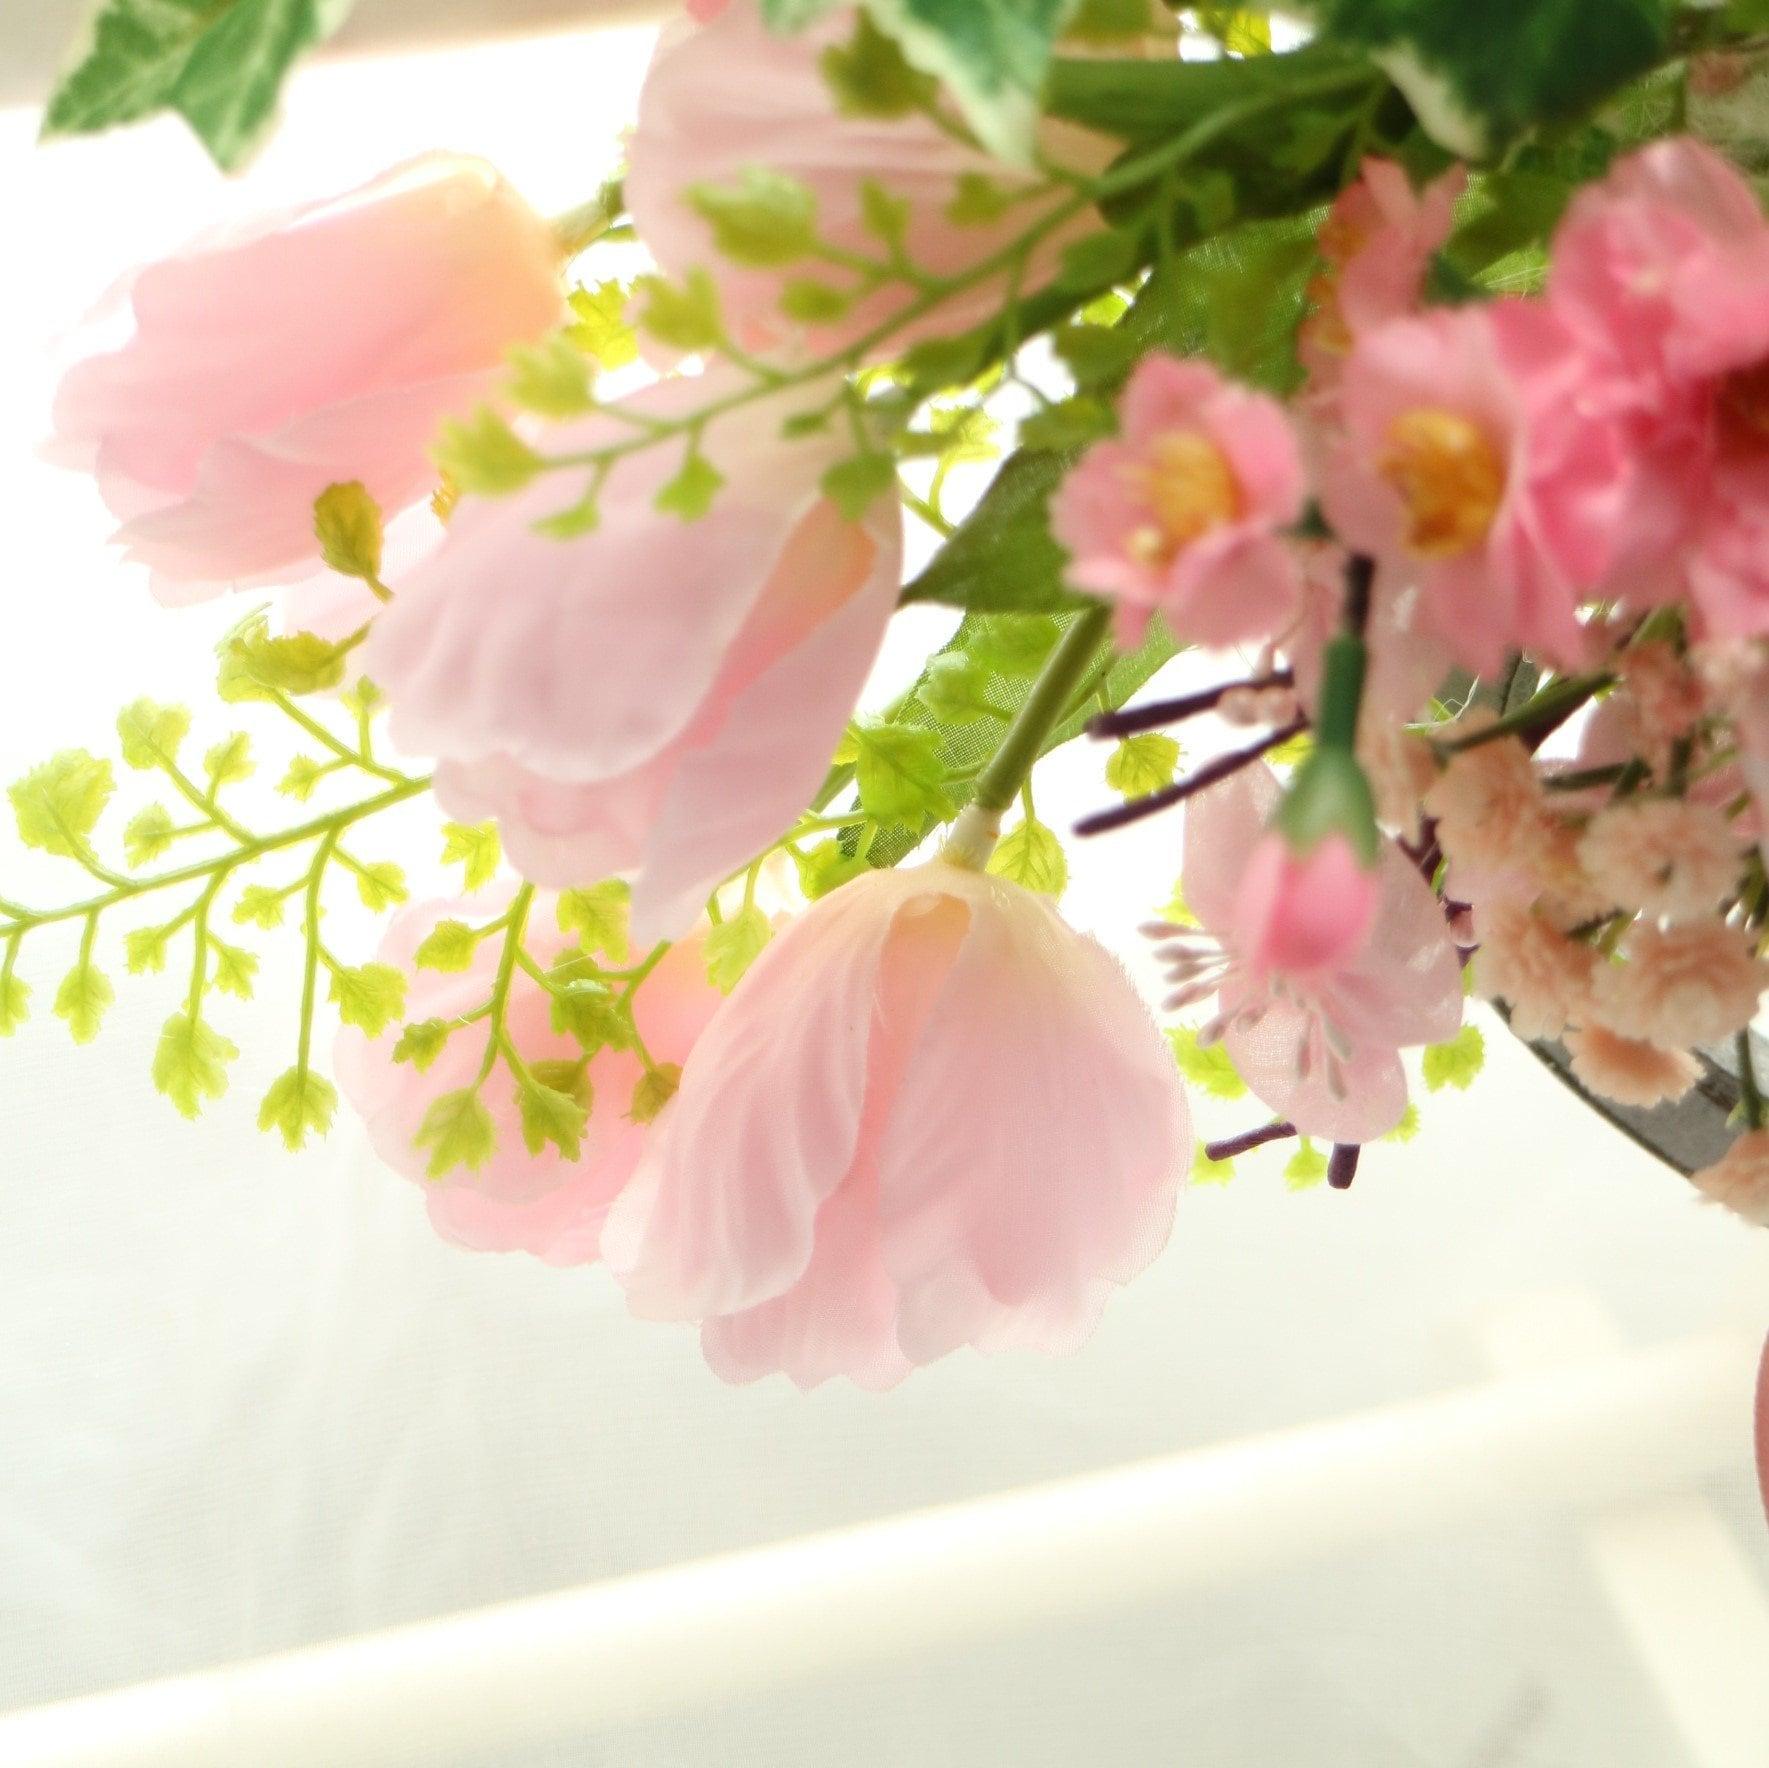 【2021年2月レッスン】春風になびくチューリップの壁掛けアレンジ 東京|八王子|フラワーギフト&レッスン|スターリリーフラワーズレッスンチケット(お支払は現地払いのみ)のイメージその2